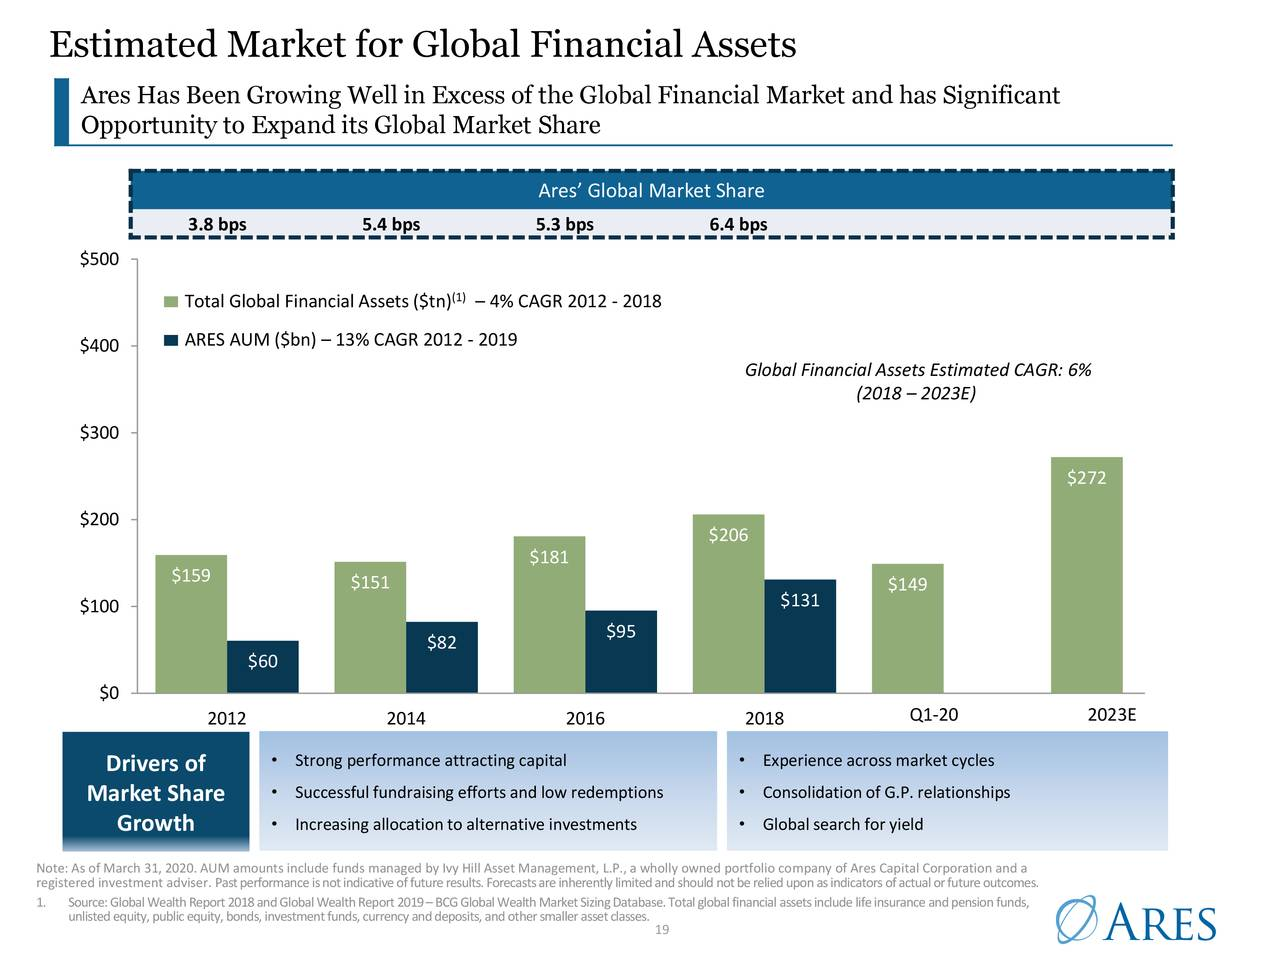 Mercado estimado de activos financieros globales